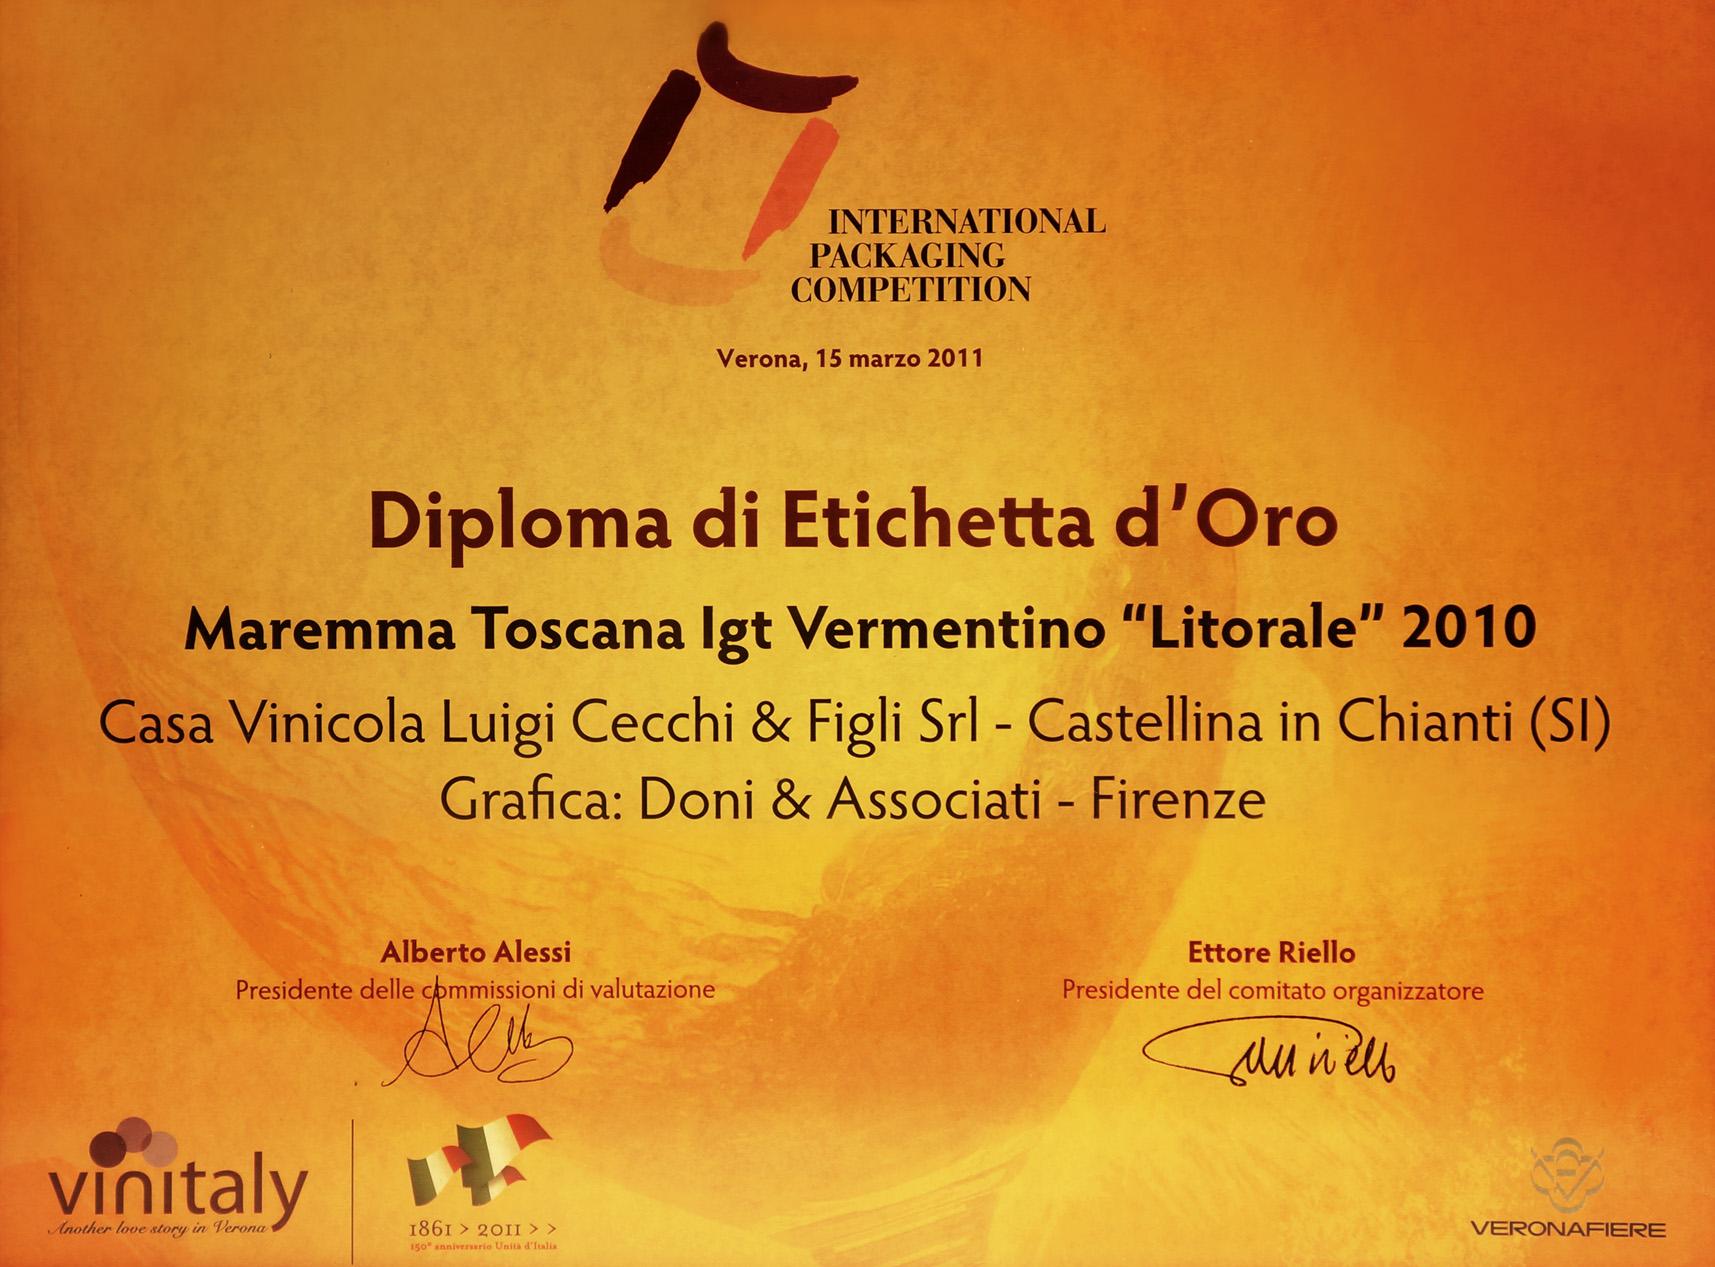 doni-etichetta-oro-cecchi-vinitaly-2011